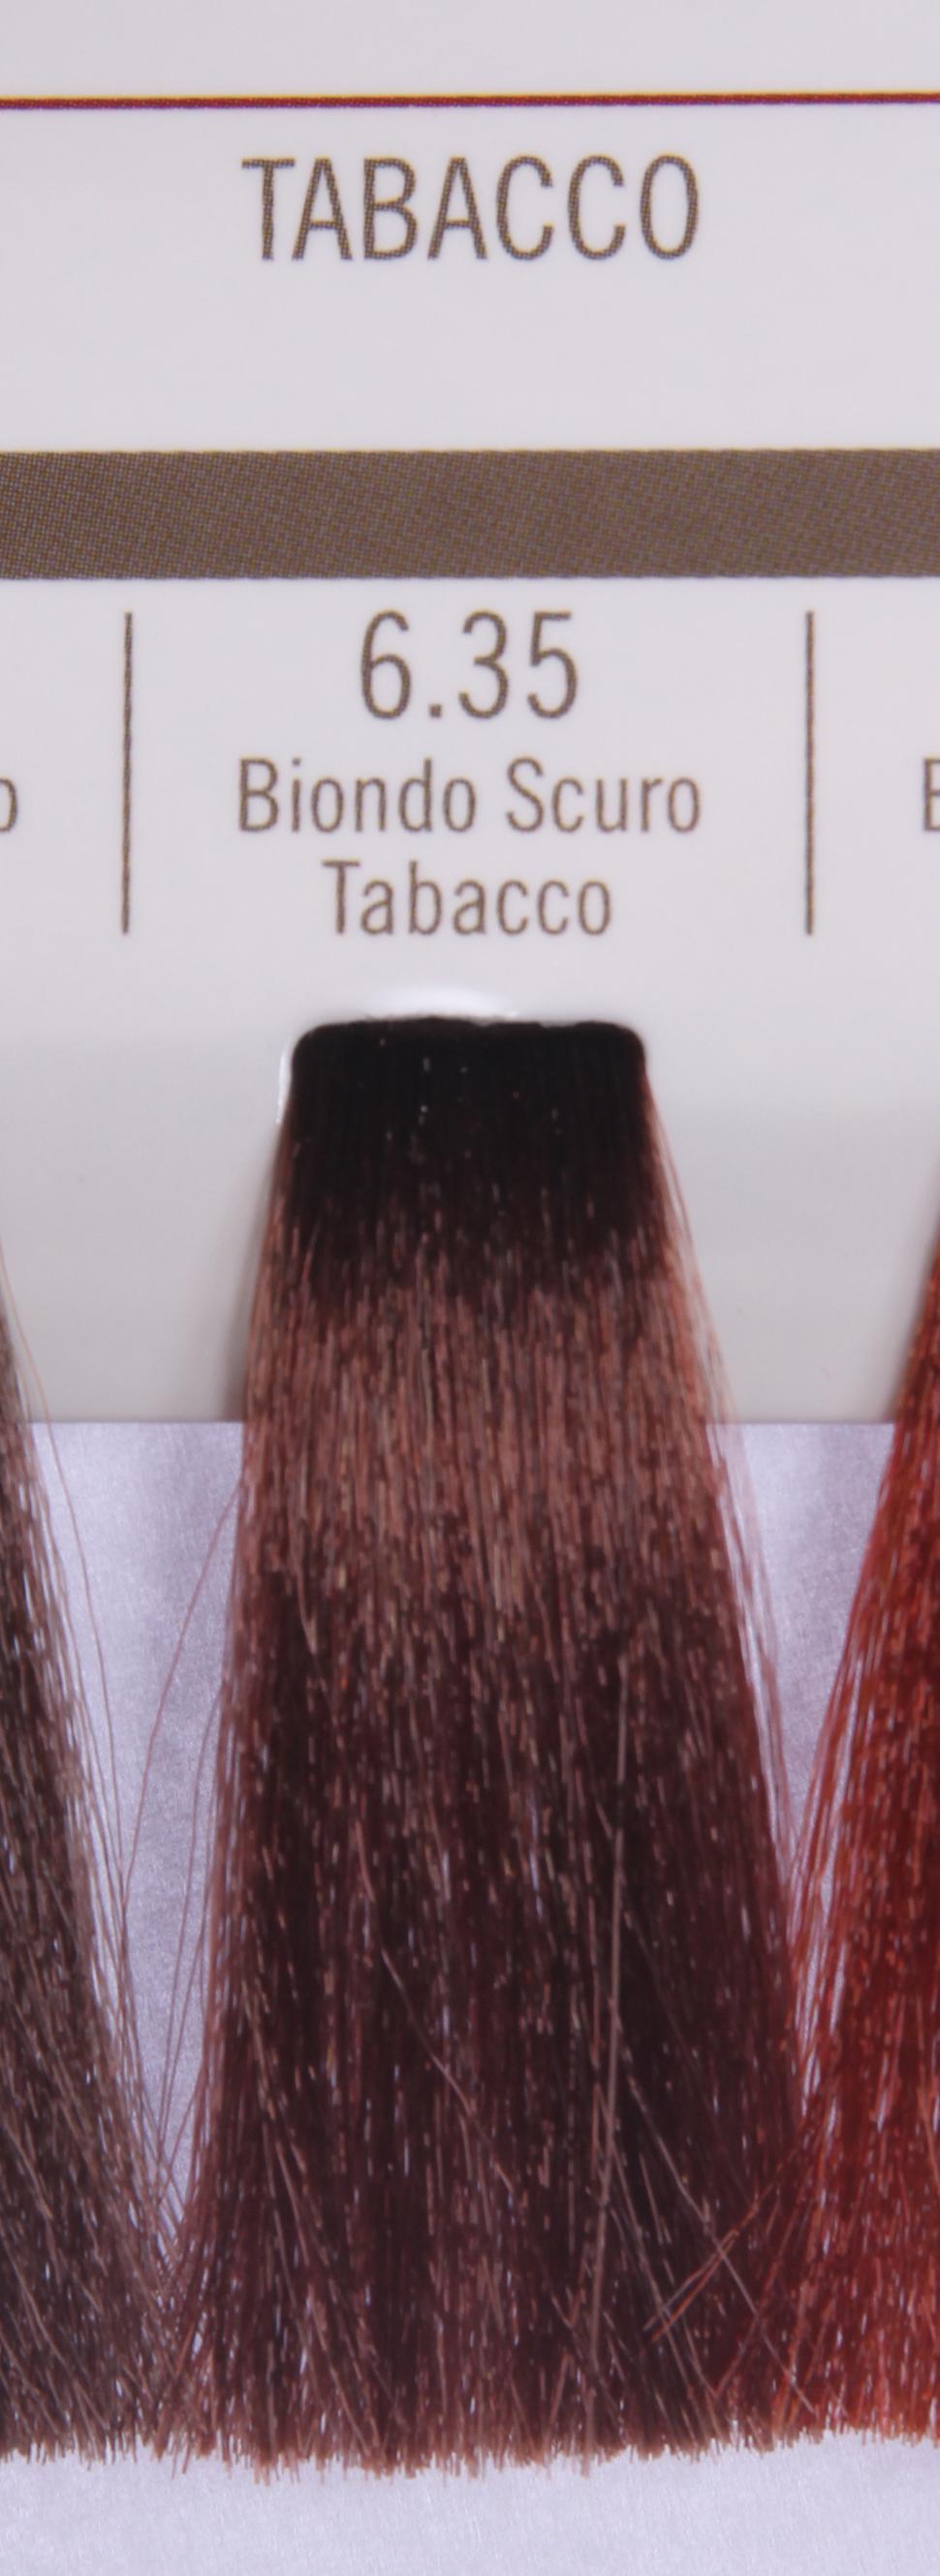 BAREX 6.35 краска для волос / PERMESSE 100млКраски<br>Оттенок: Темный блондин табачный. Профессиональная крем-краска Permesse отличается низким содержанием аммиака - от 1 до 1,5%. Обеспечивает блестящий и натуральный косметический цвет, 100% покрытие седых волос, идеальное осветление, стойкость и насыщенность цвета до следующего окрашивания. Комплекс сертифицированных органических пептидов M4, входящих в состав, действует с момента нанесения, увлажняя волосы, придавая им прочность и защиту. Пептиды избирательно оседают в самых поврежденных участках волоса, восстанавливая и защищая их. Масло карите оказывает смягчающее и успокаивающее действие. Комплекс пептидов и масло карите стимулируют проникновение пигментов вглубь структуры волоса, придавая им здоровый вид, блеск и долговечность косметическому цвету. Активные ингредиенты:&amp;nbsp;Сертифицированные органические пептиды М4 - пептиды овса, бразильского ореха, сои и пшеницы, объединенные в полифункциональный комплекс, придающий прочность окрашенным волосам, увлажняющий и защищающий их. Сертифицированное органическое масло карите (масло ши) - богато жирными кислотами, экстрагируется из ореха африканского дерева карите. Оказывает смягчающий и целебный эффект на кожу и волосы, широко применяется в косметической индустрии. Масло карите защищает волосы от неблагоприятного воздействия внешней среды, интенсивно увлажняет кожу и волосы, т.к. обладает высокой степенью абсорбции, не забивает поры. Способ применения:&amp;nbsp;Крем-краска готовится в смеси с Молочком-оксигентом Permesse 10/20/30/40 объемов в соотношении 1:1 (например, 50 мл крем-краски + 50 мл молочка-оксигента). Молочко-оксигент работает в сочетании с крем-краской и гарантирует идеальное проявление краски. Тюбик крем-краски Permesse содержит 100 мл продукта, количество, достаточное для 2 полных нанесений. Всегда надевайте подходящие специальные перчатки перед подготовкой и нанесением краски. Подготавливайте смесь крем-краски и молочка-оксигента Permesse в нем